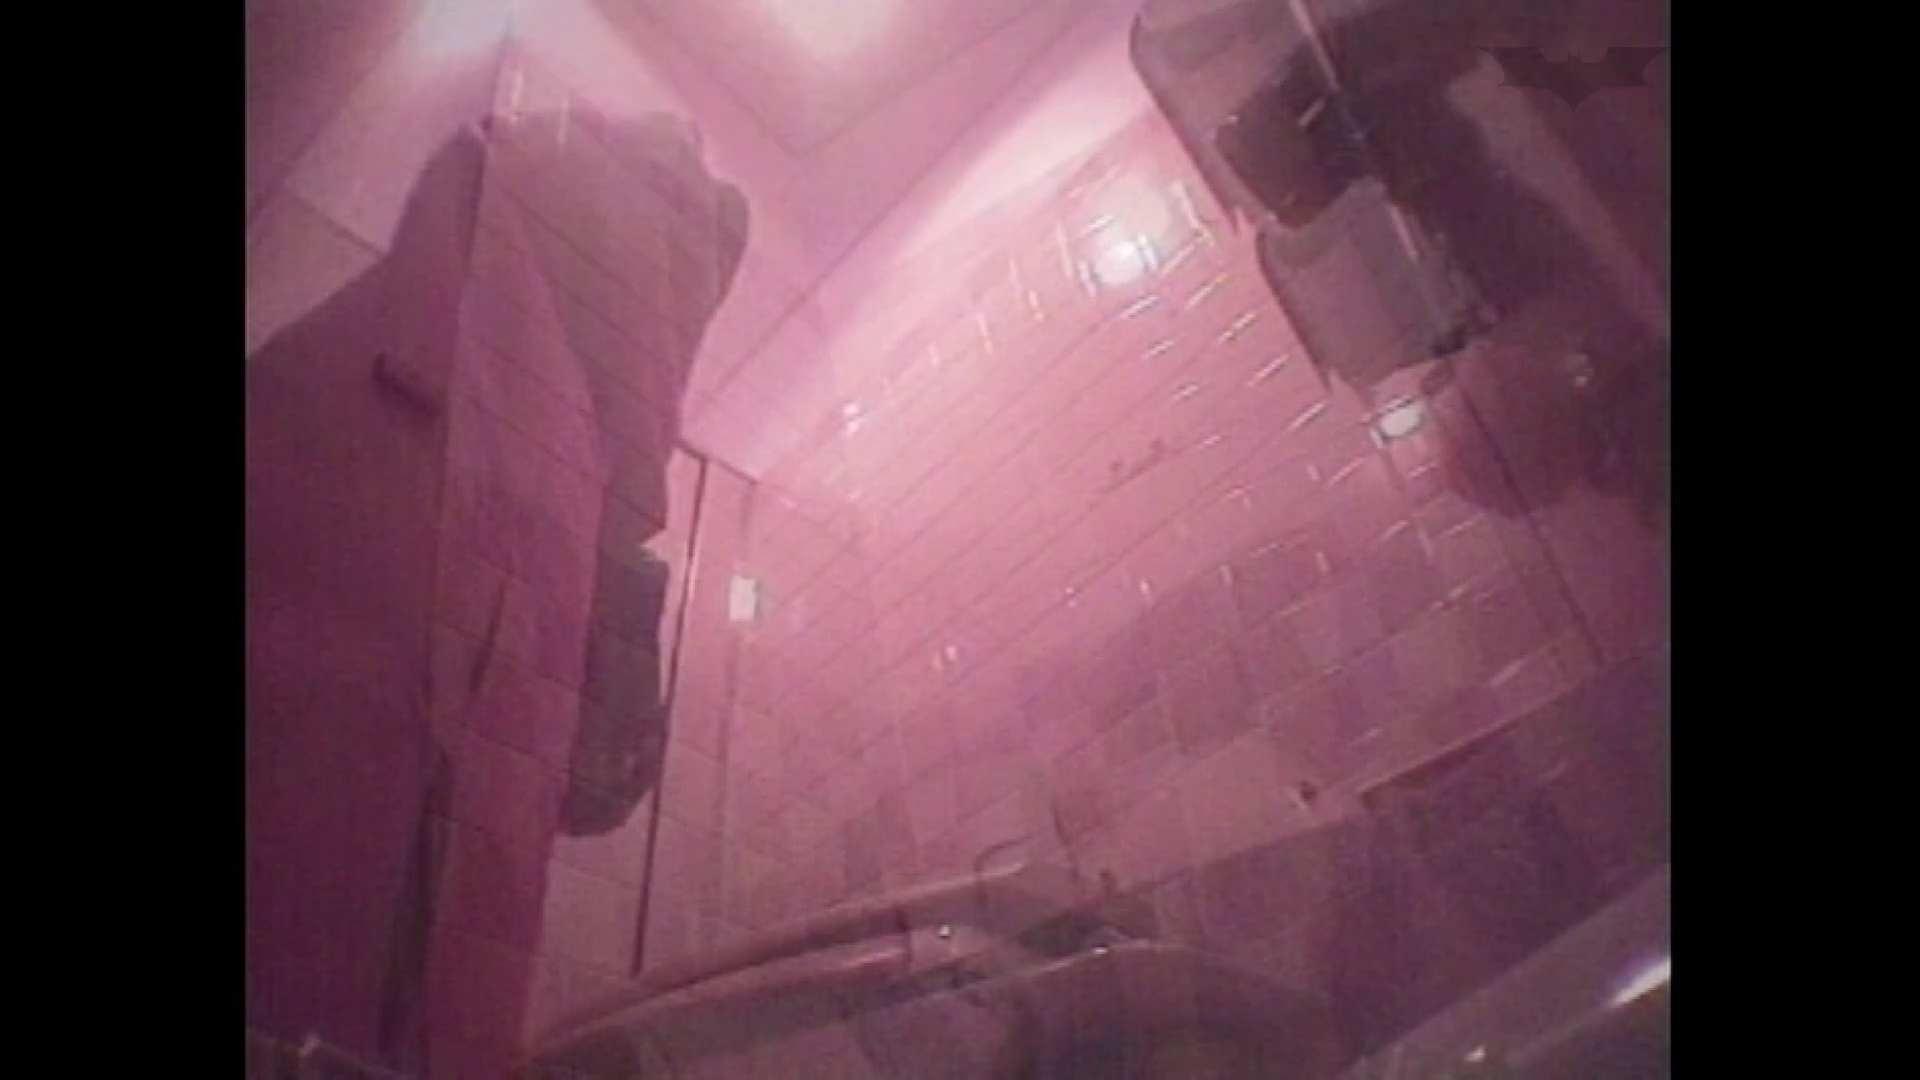 レース場での秘め事 Vol.02 盛合せ | 潜入  72画像 28